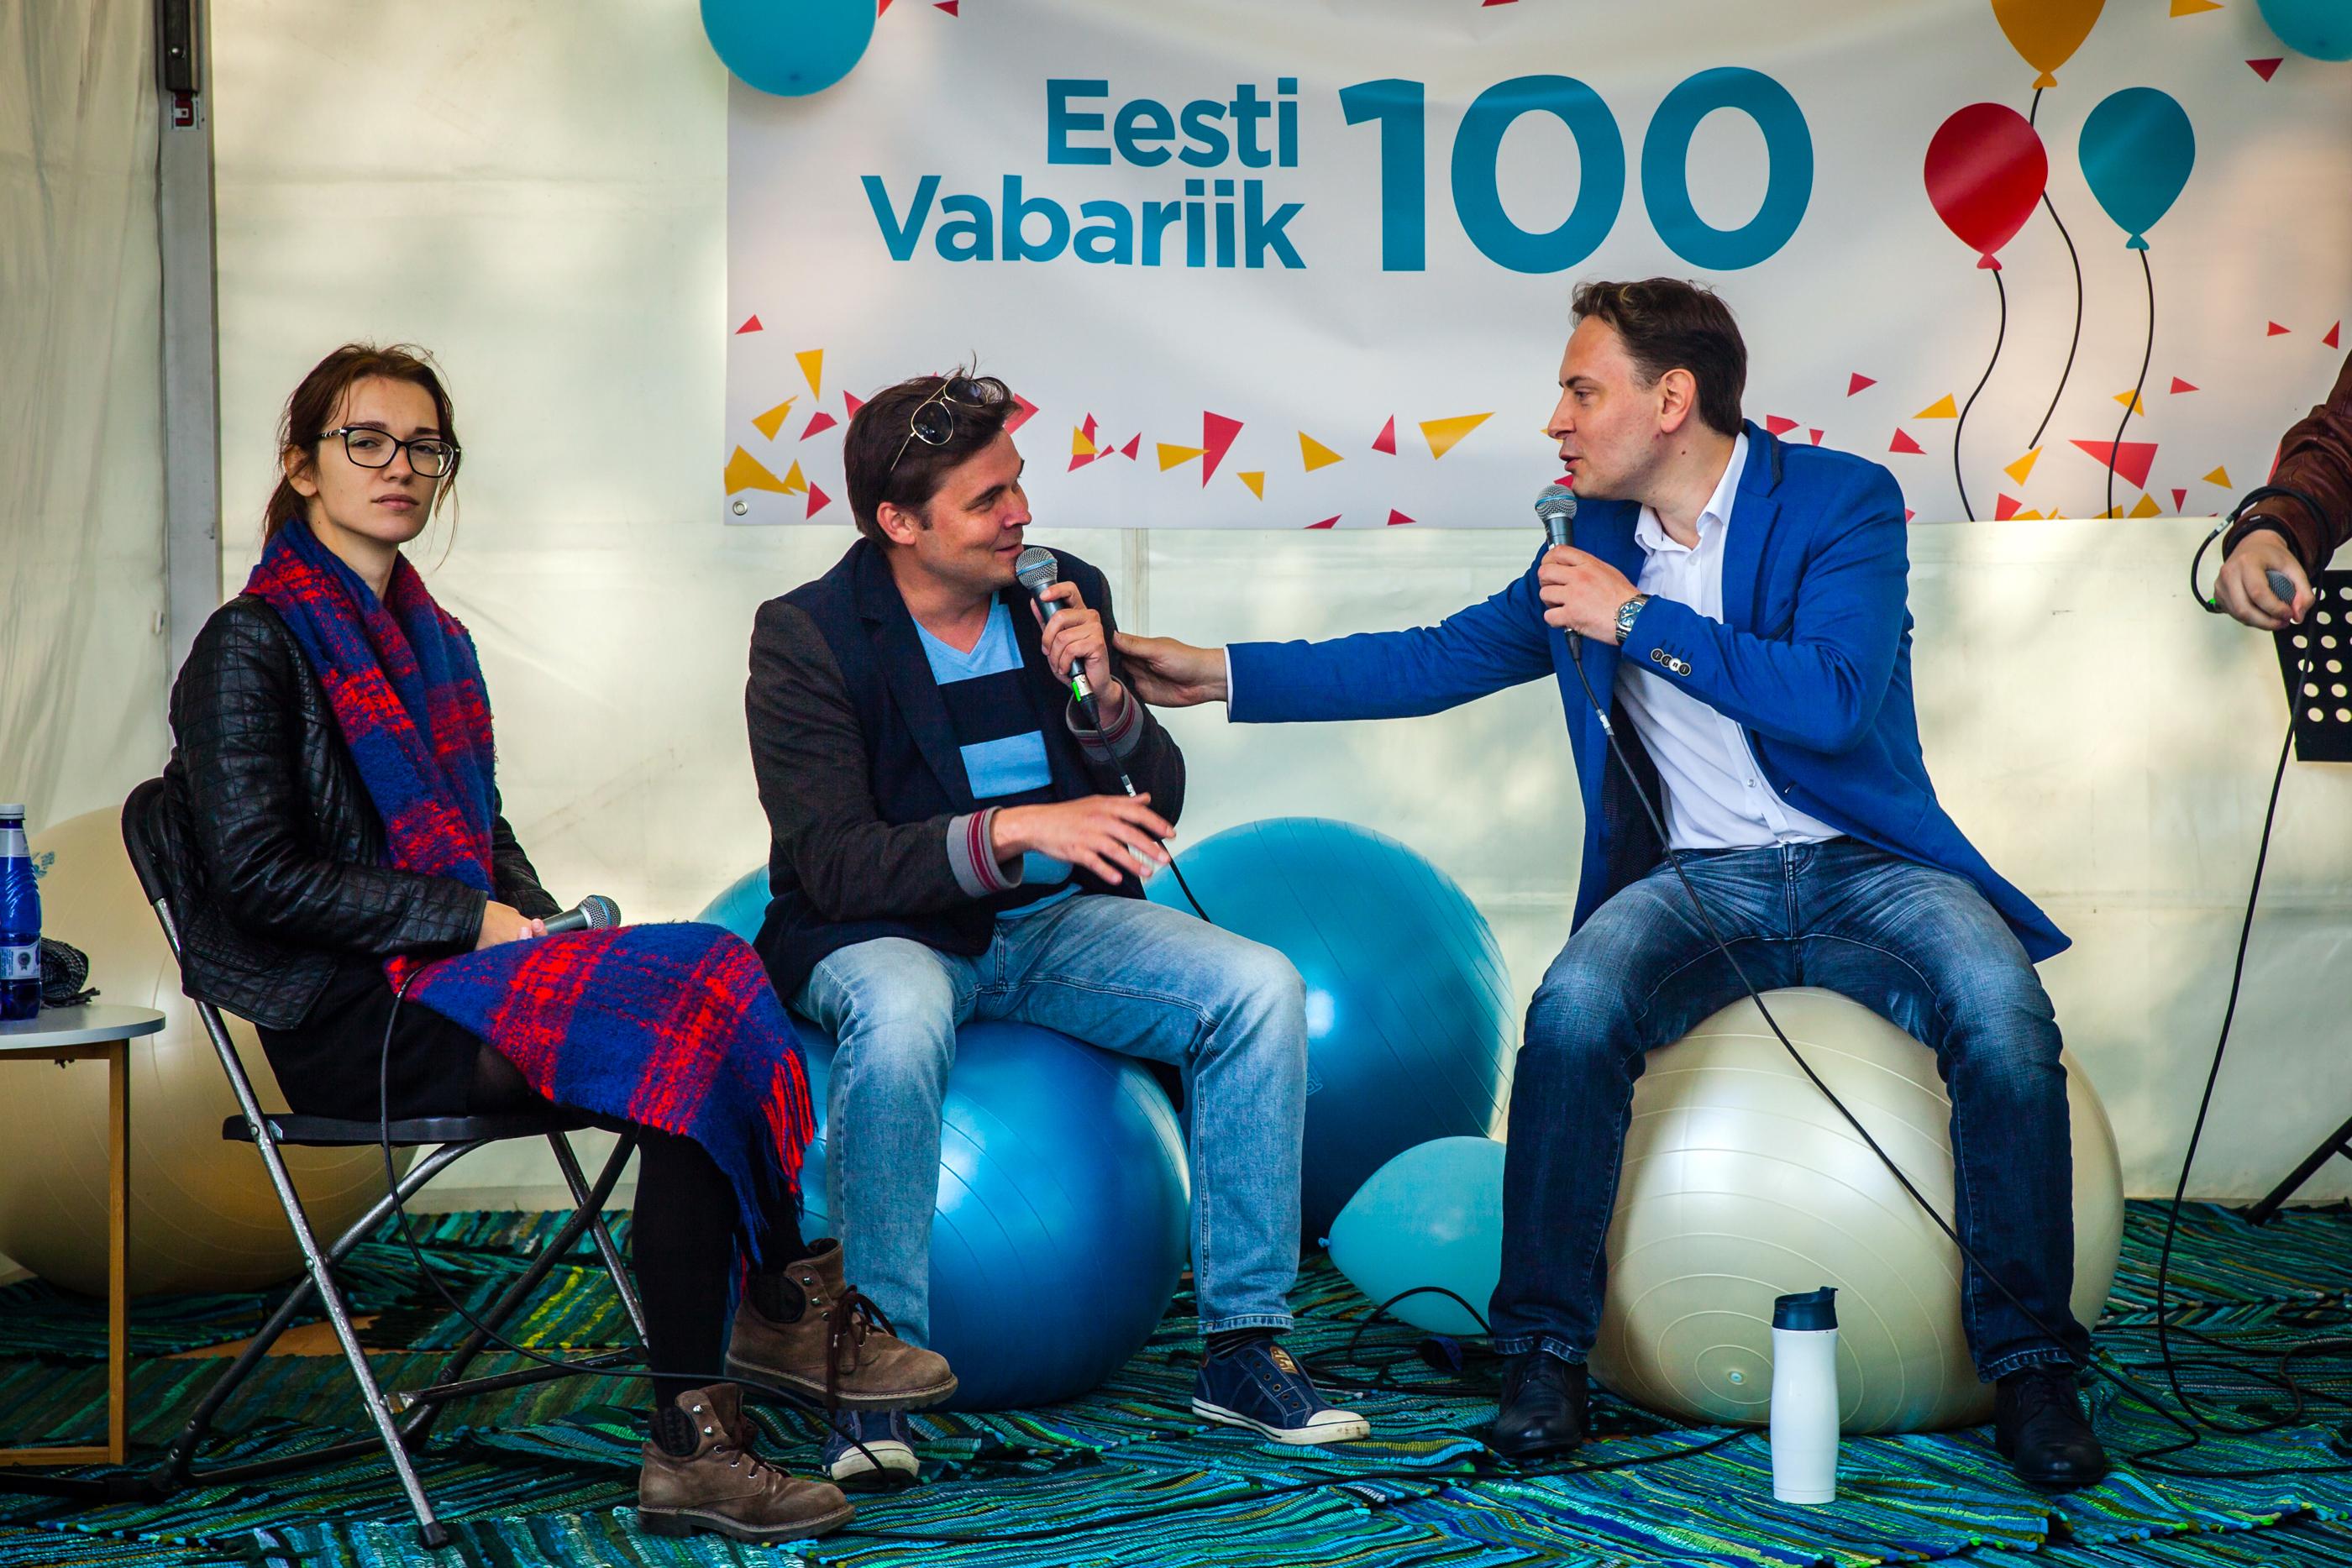 Волков: на столетие Эстонии каждый мог бы сделать по сто добрых дел